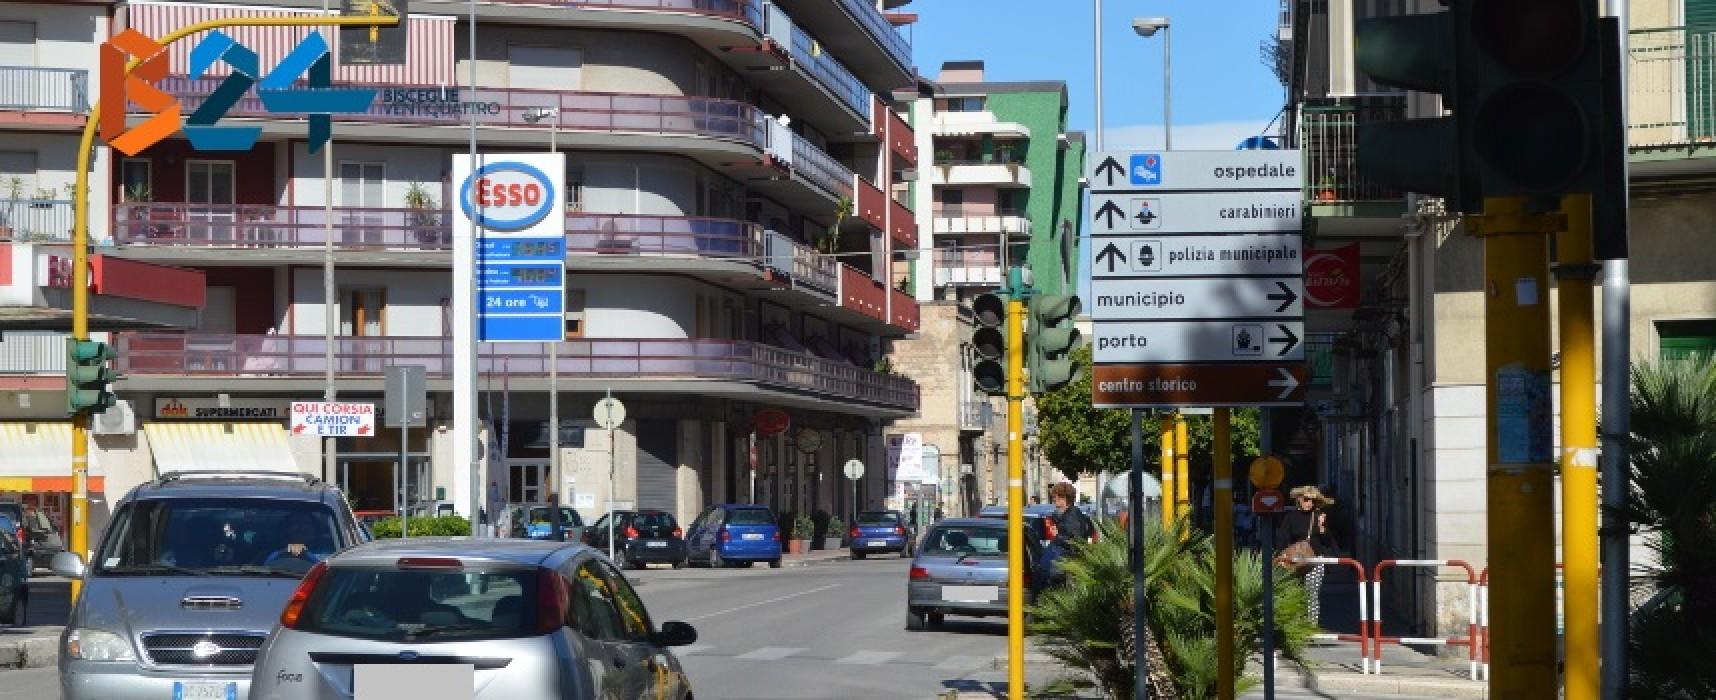 Via Imbriani/Via Seminario, semafori spenti da cinque giorni e traffico in tilt / FOTO